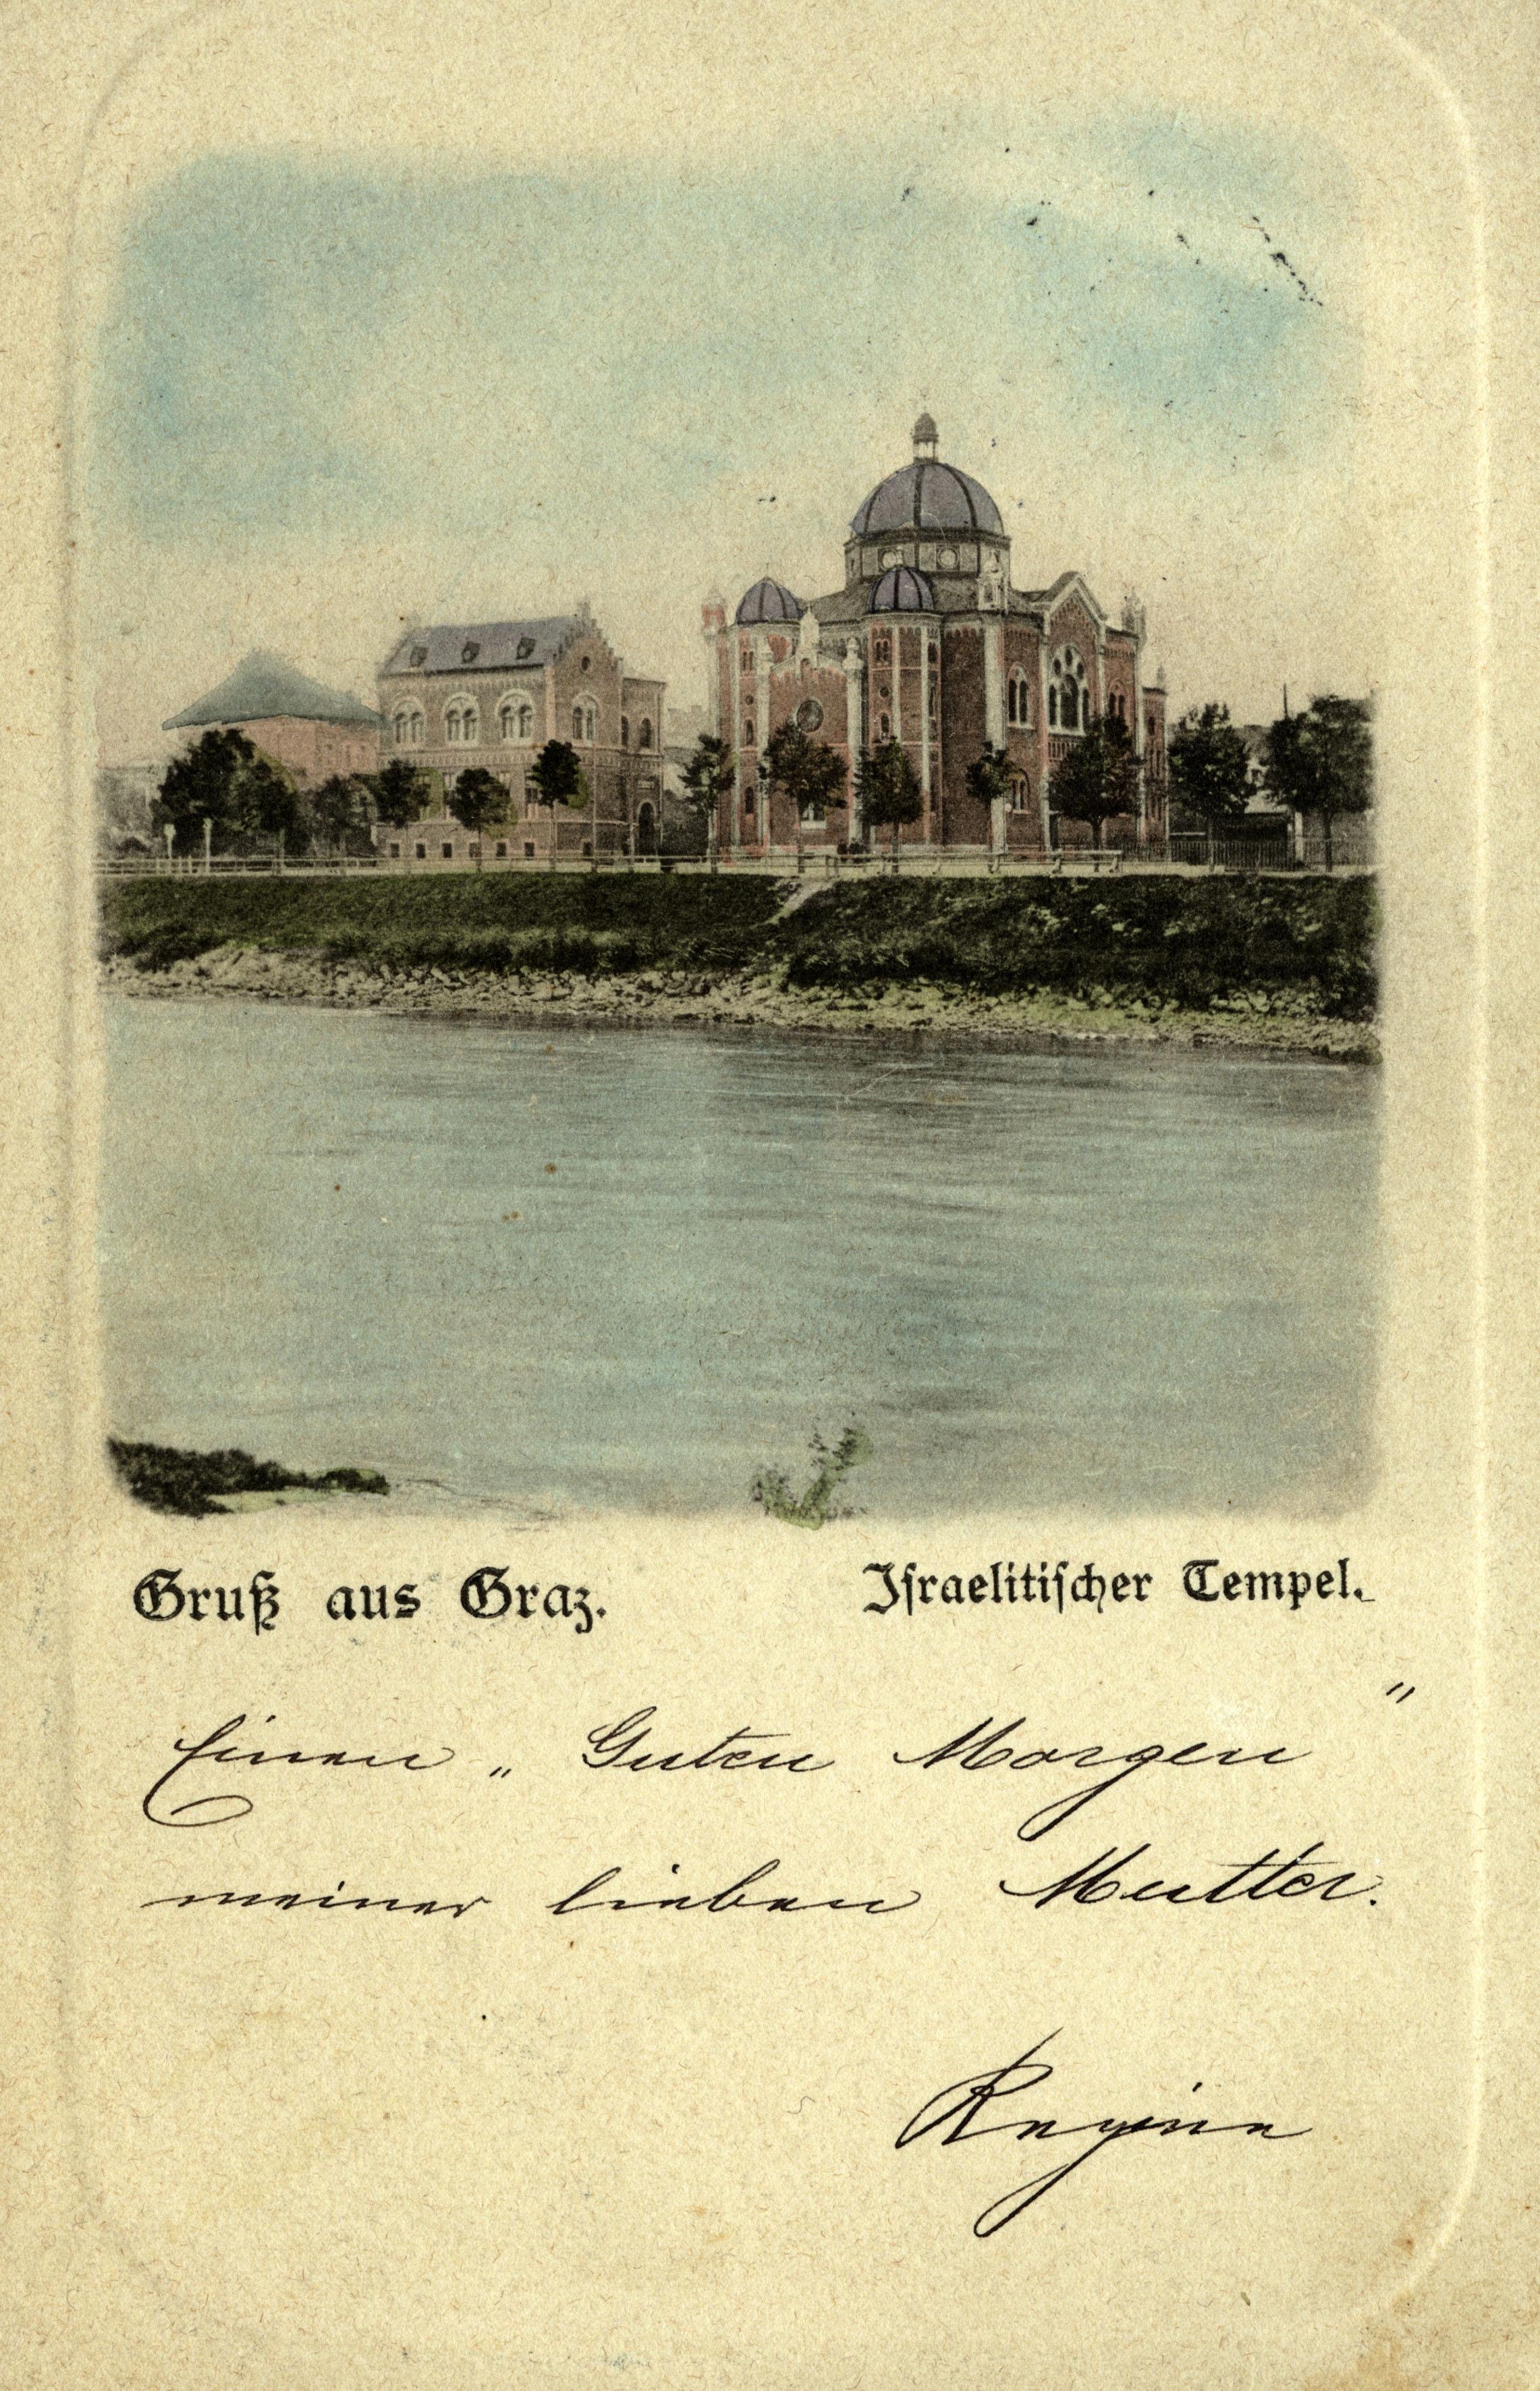 Die ehemalige Synagoge in Graz, die 1892 gebaut und 1938 zerstört wurde